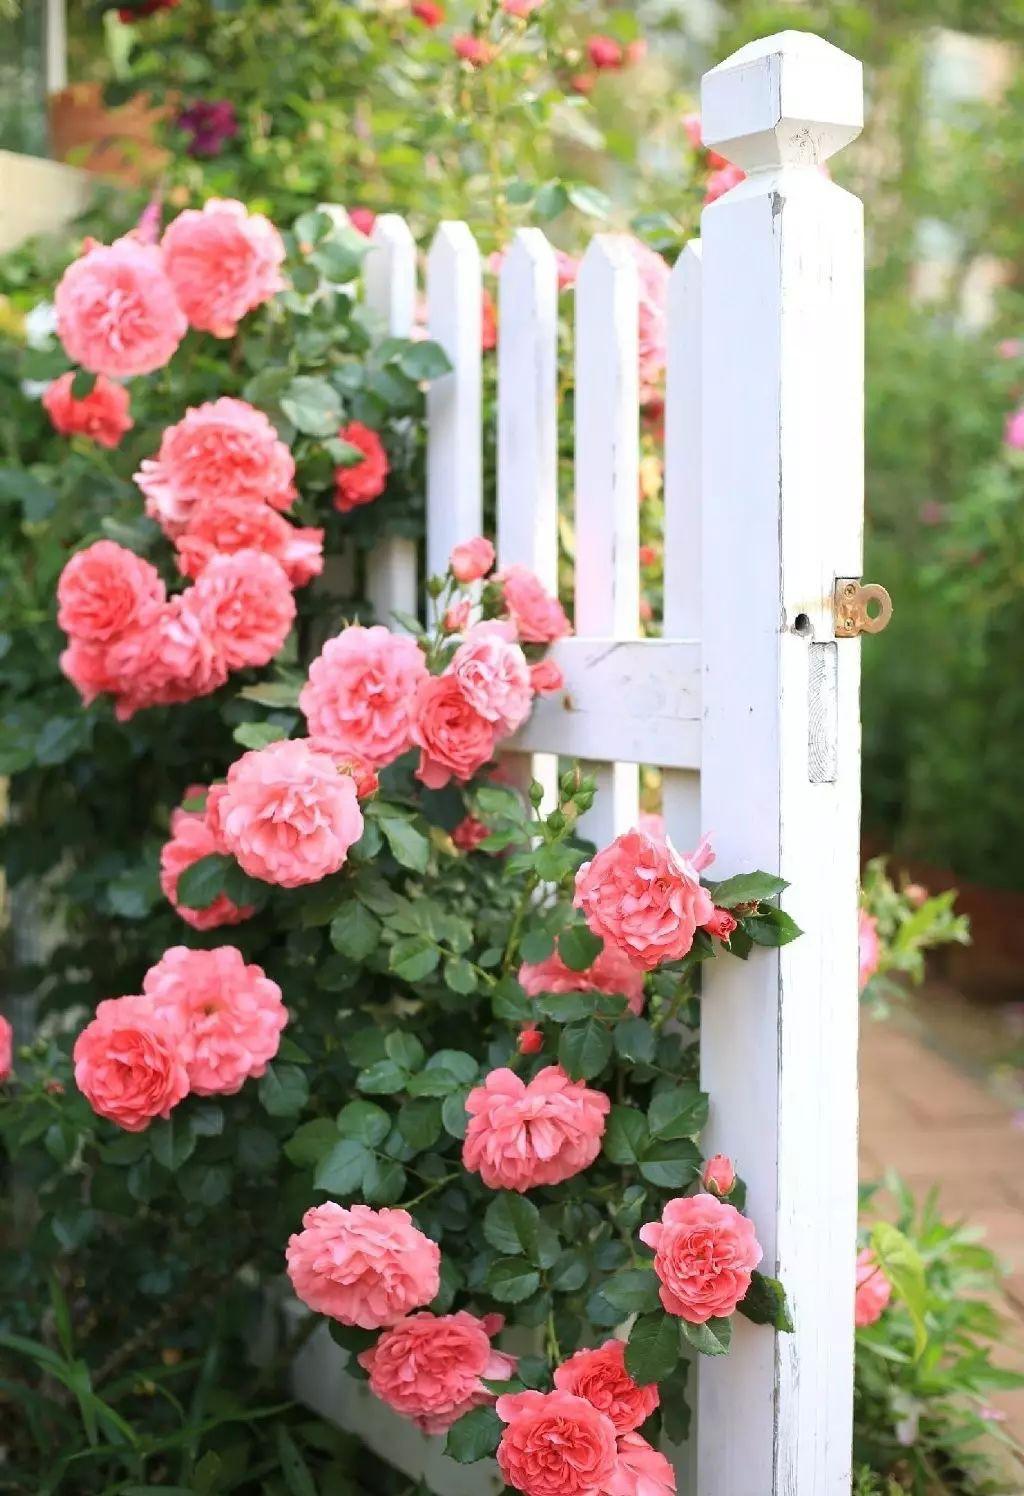 Ngôi nhà tràn ngập sắc hoa hồng ở thị trấn nhỏ của cô gái dành cả thanh xuân chỉ để trồng hoa làm đẹp nhà - Ảnh 17.